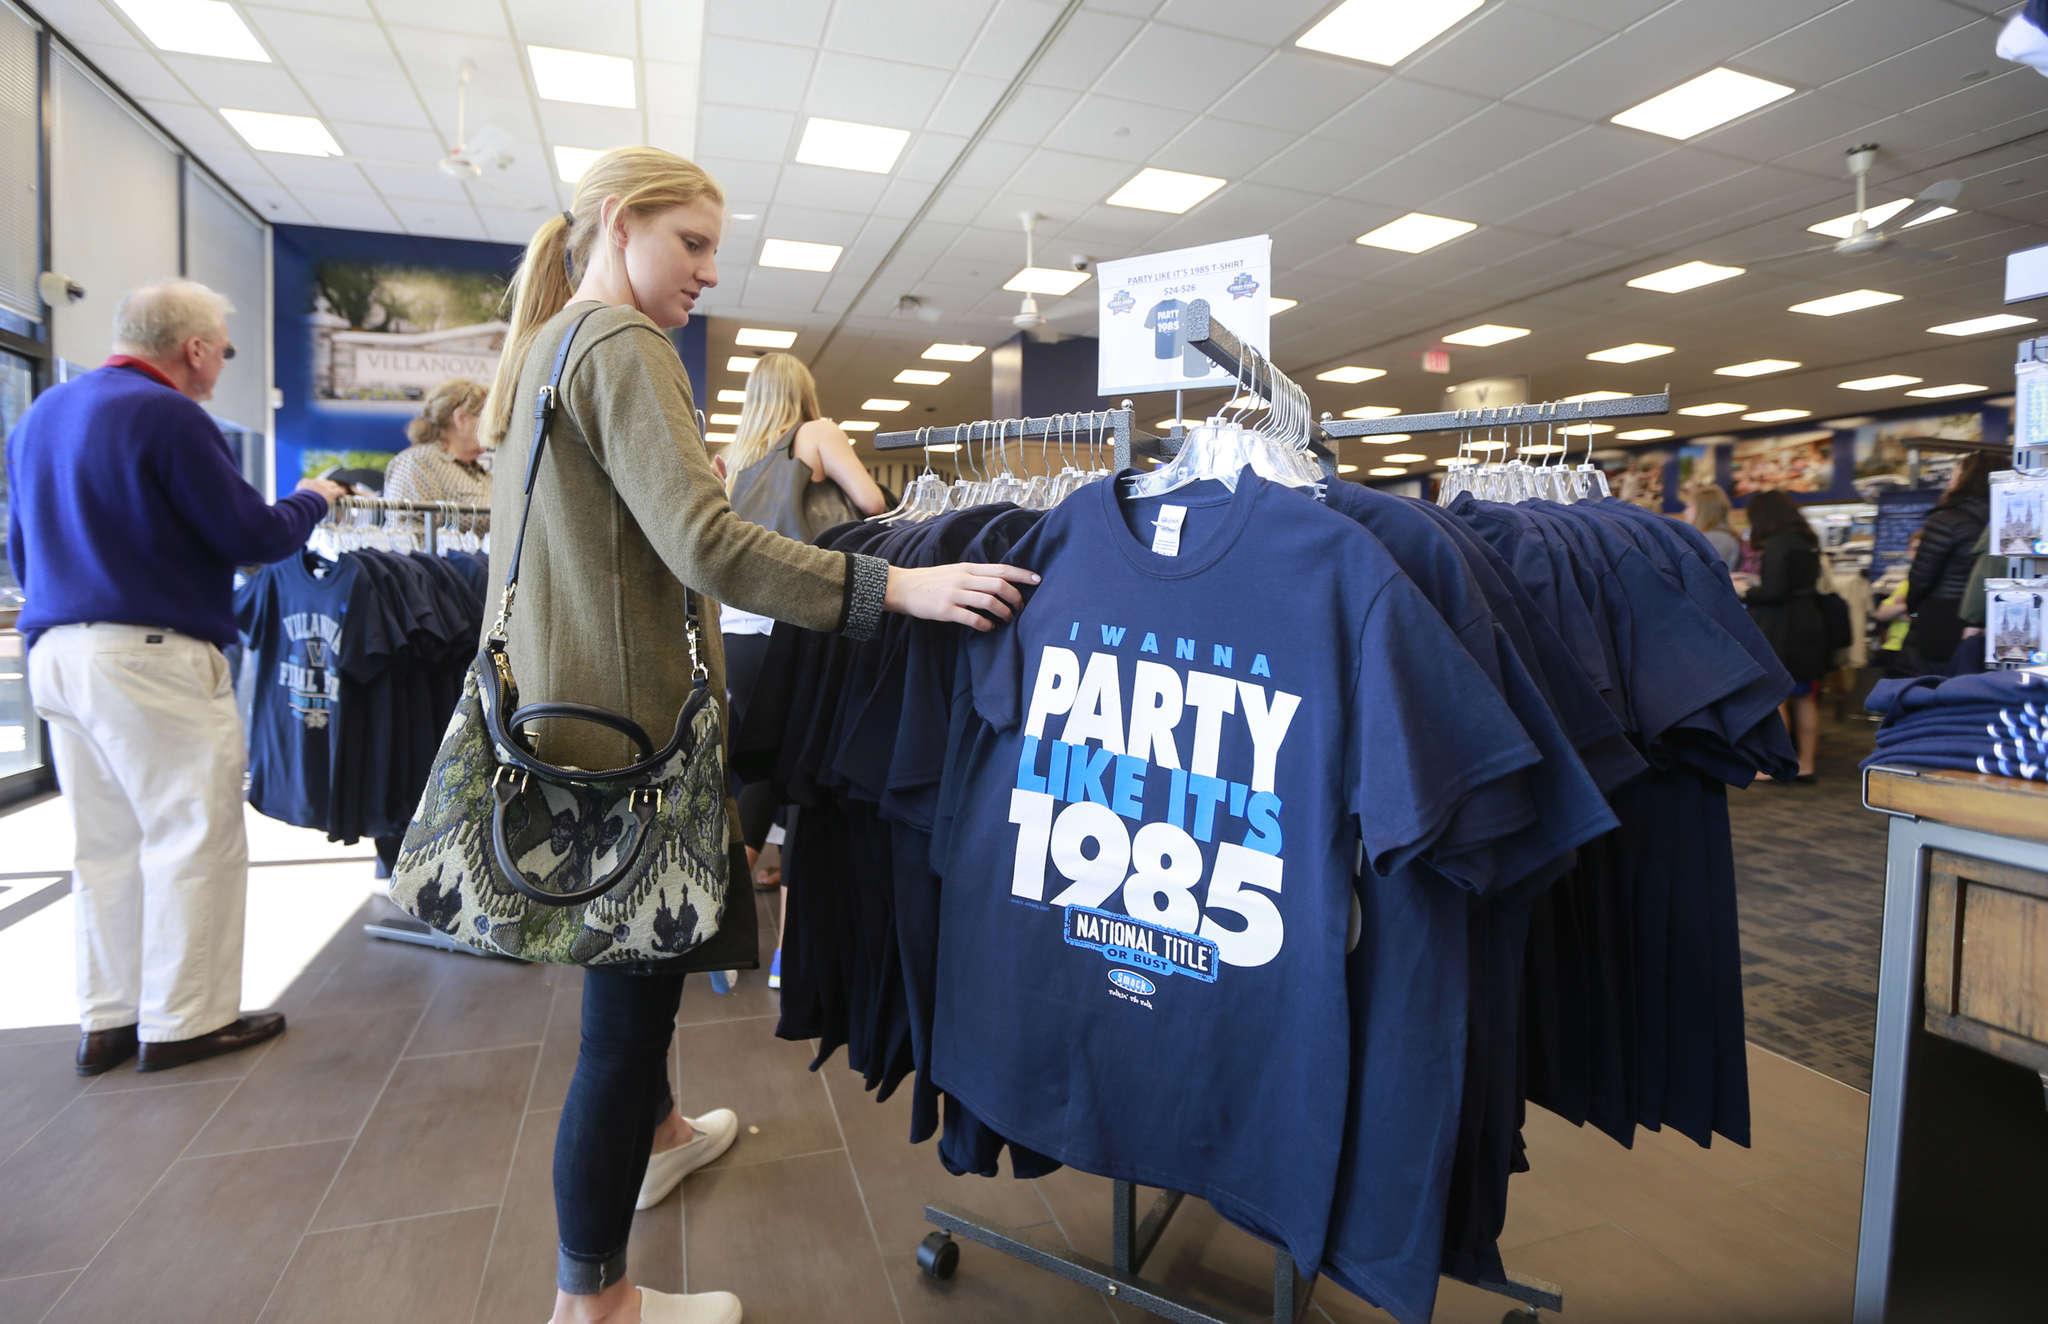 Villanova University senior Michelle Weise, 21, shops at Villanova University Shop, where sales of Wildcats gear have been brisk.